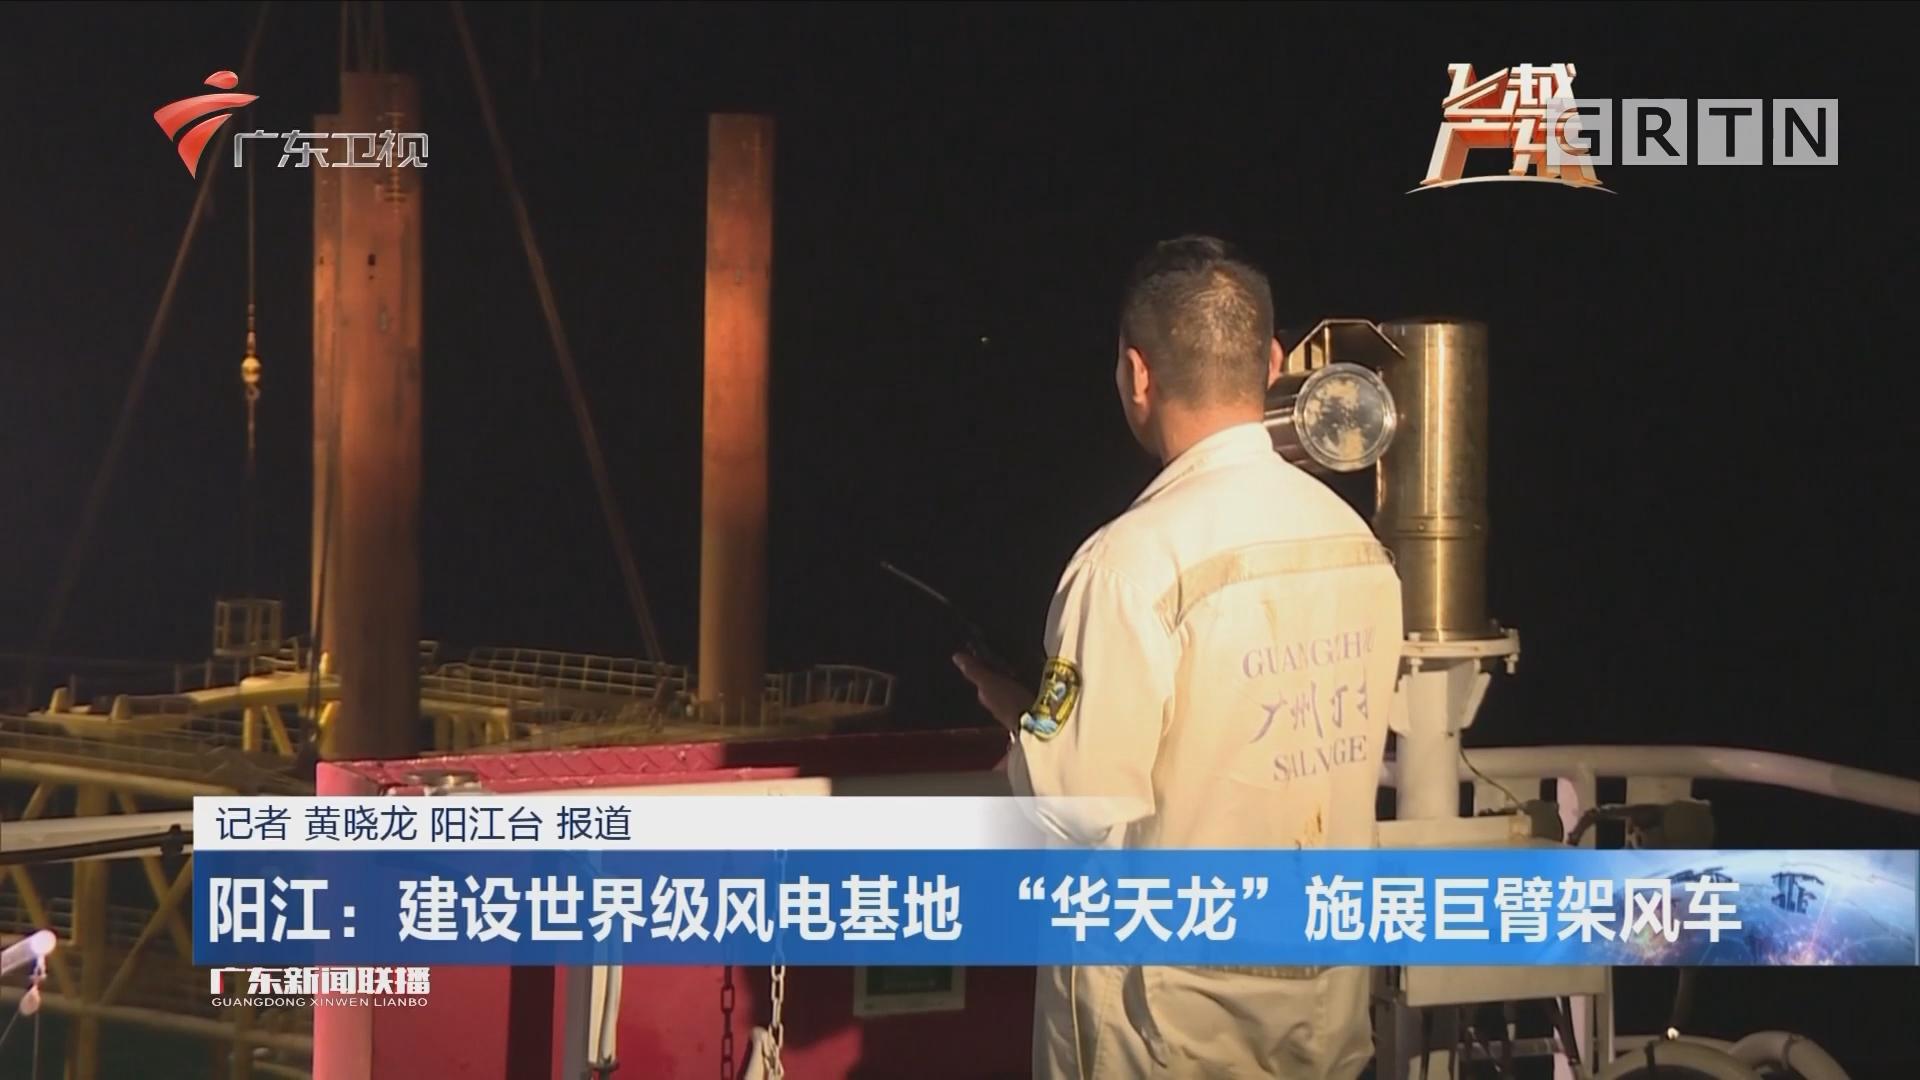 """阳江:建设世界级风电基地 """"华天龙""""施展巨臂架风车"""